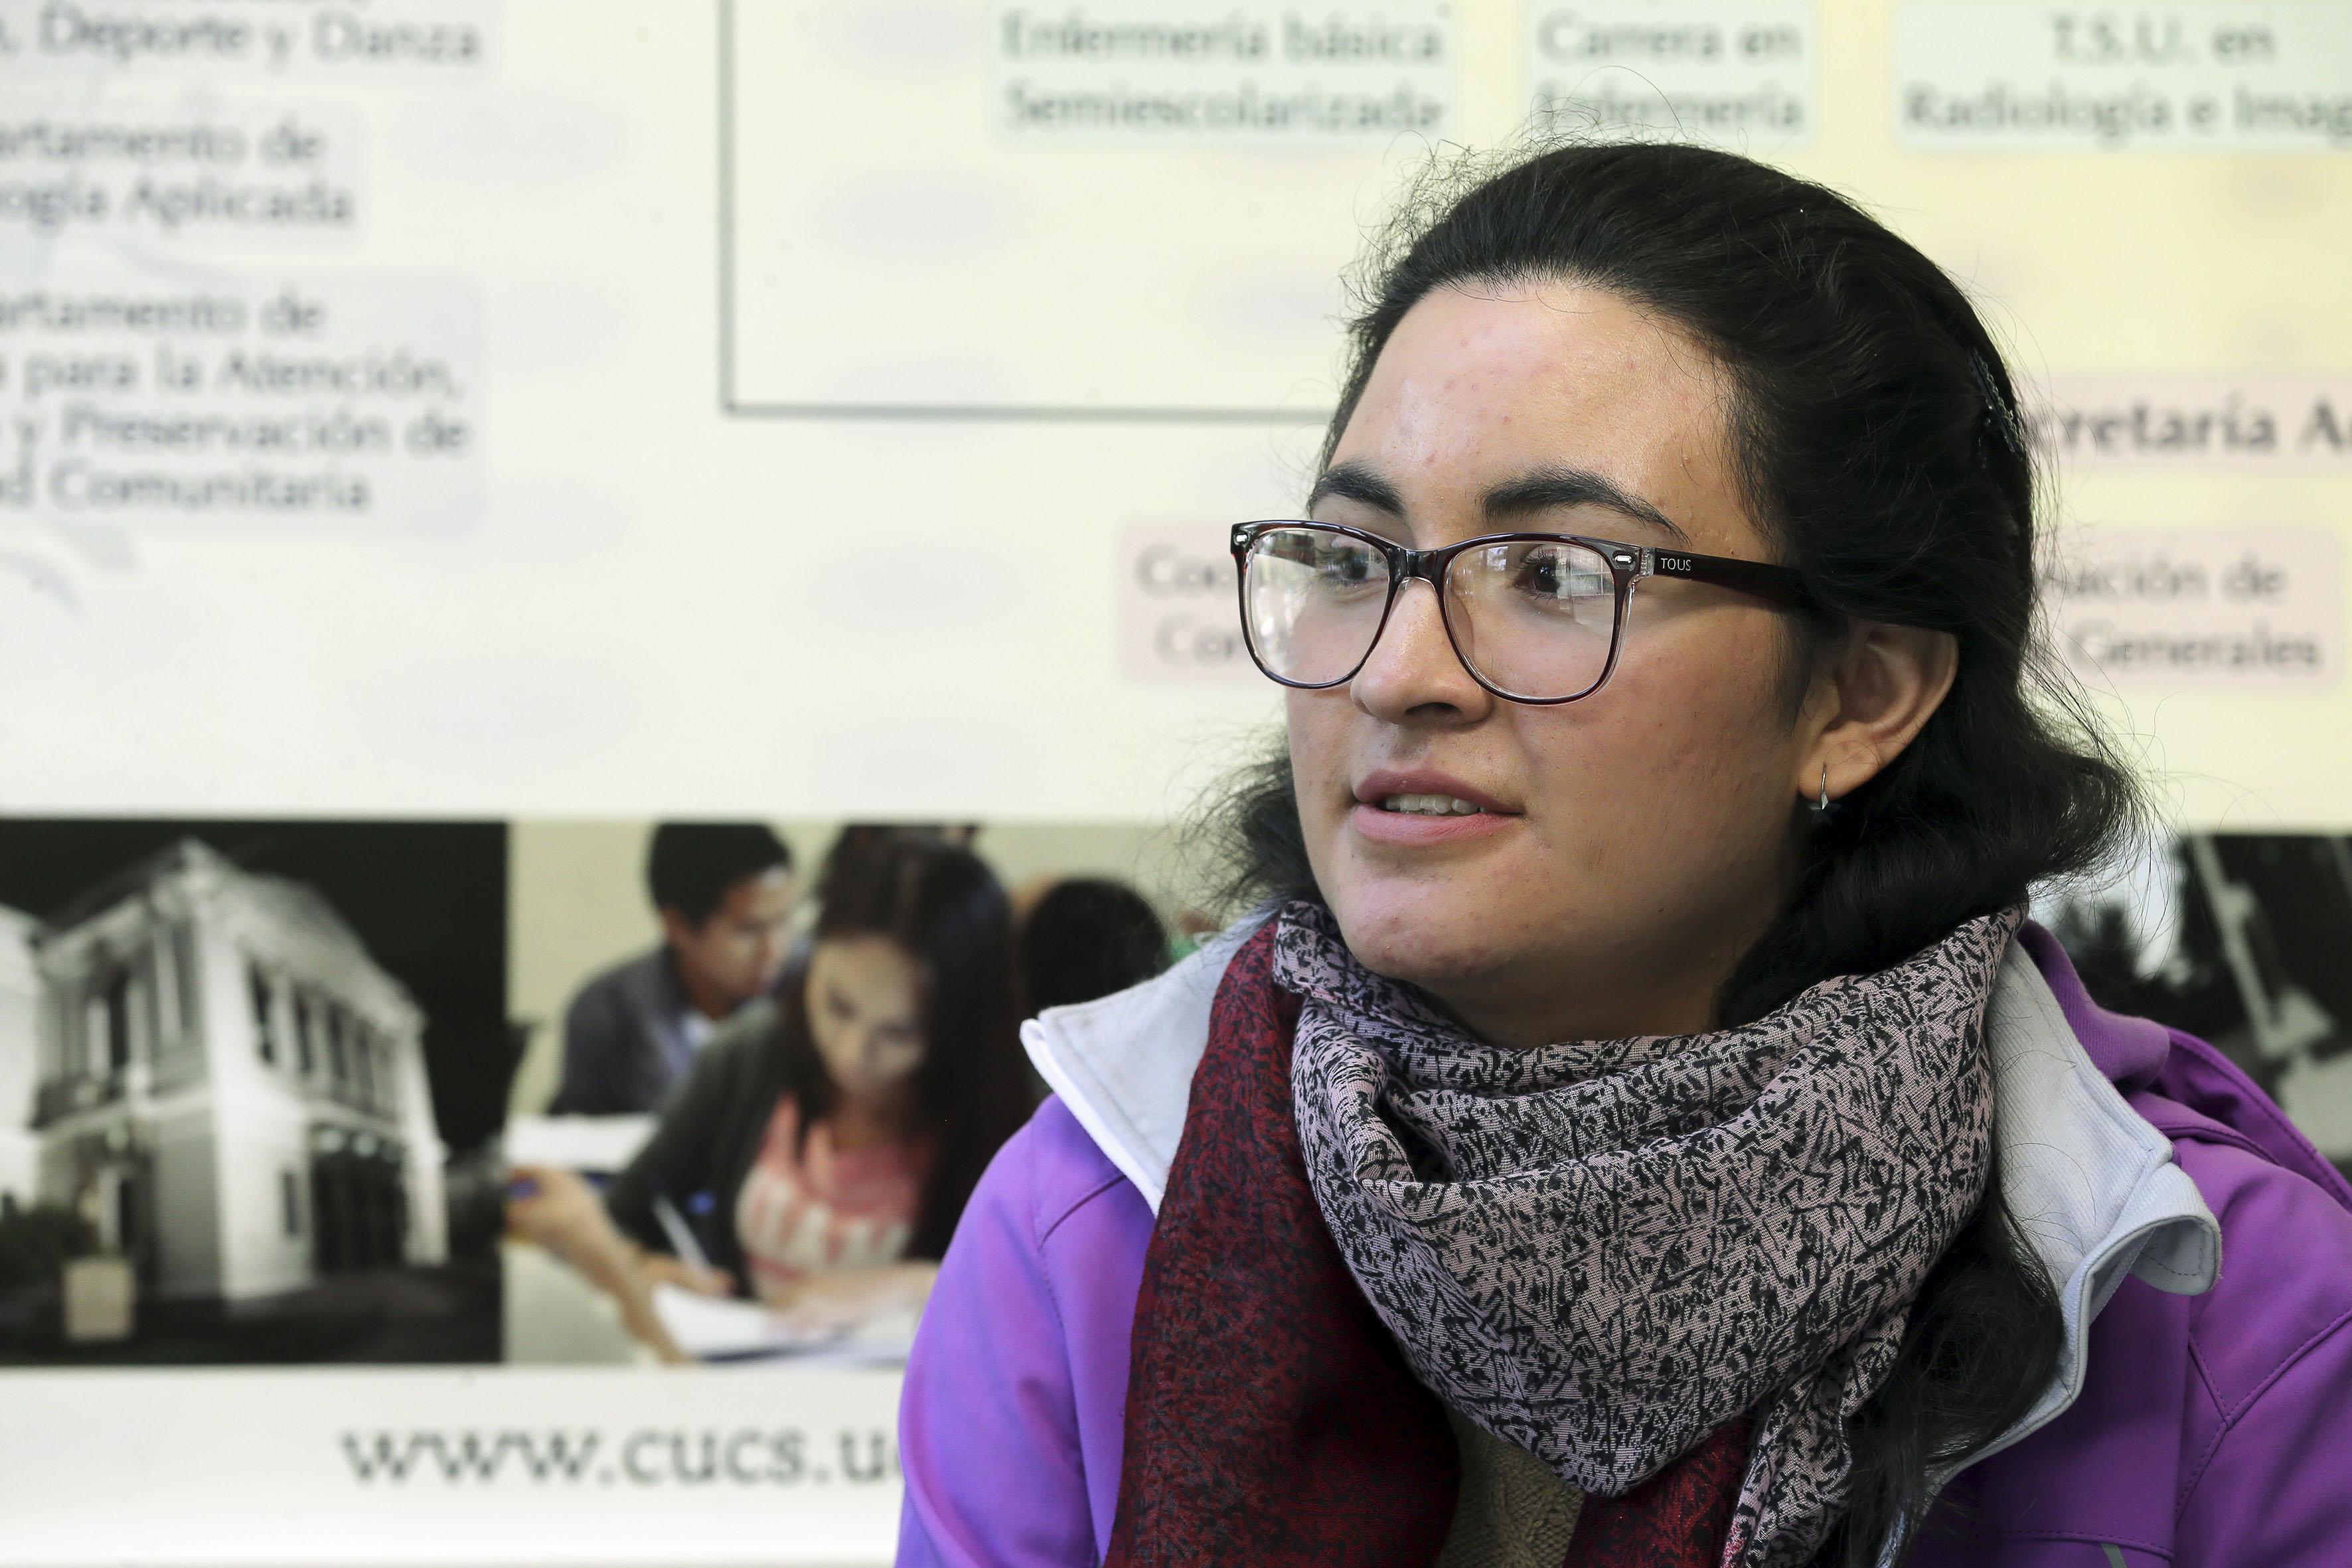 Laura Alejandra lanza mirada a lo lejos